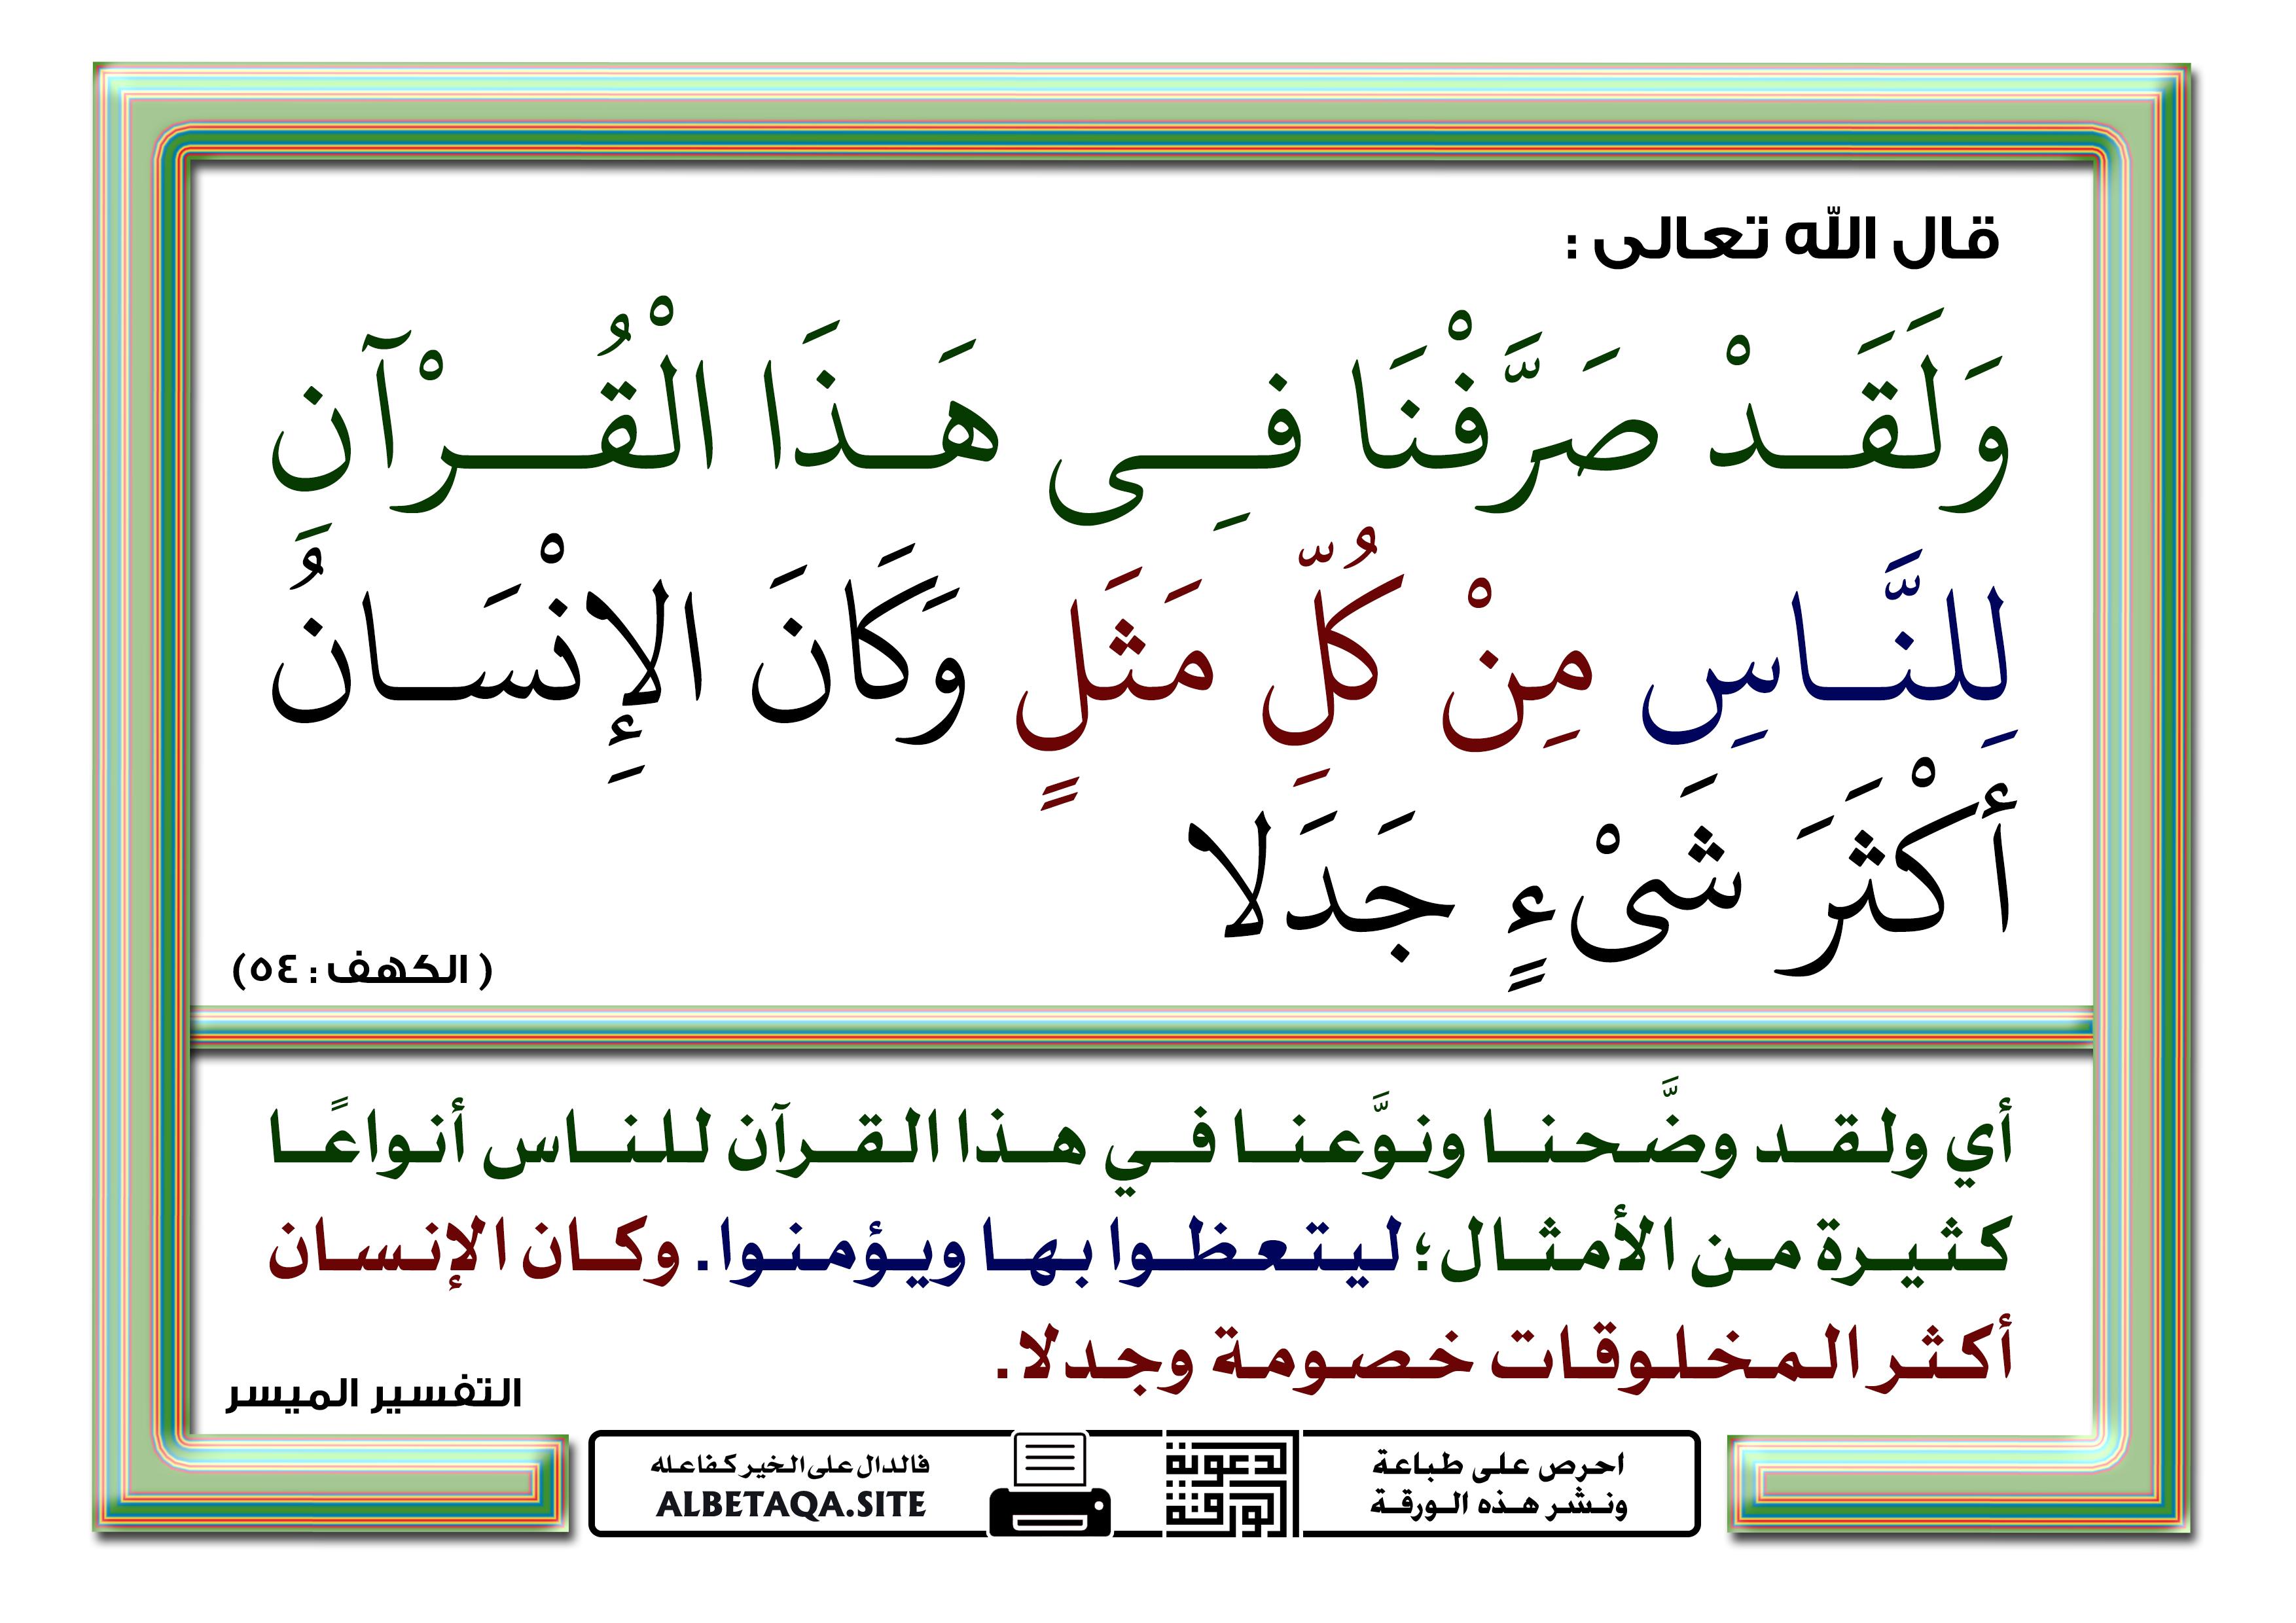 ولقد صرفنا في هذا القرآن للناس من كل مثل موقع البطاقة الدعوي